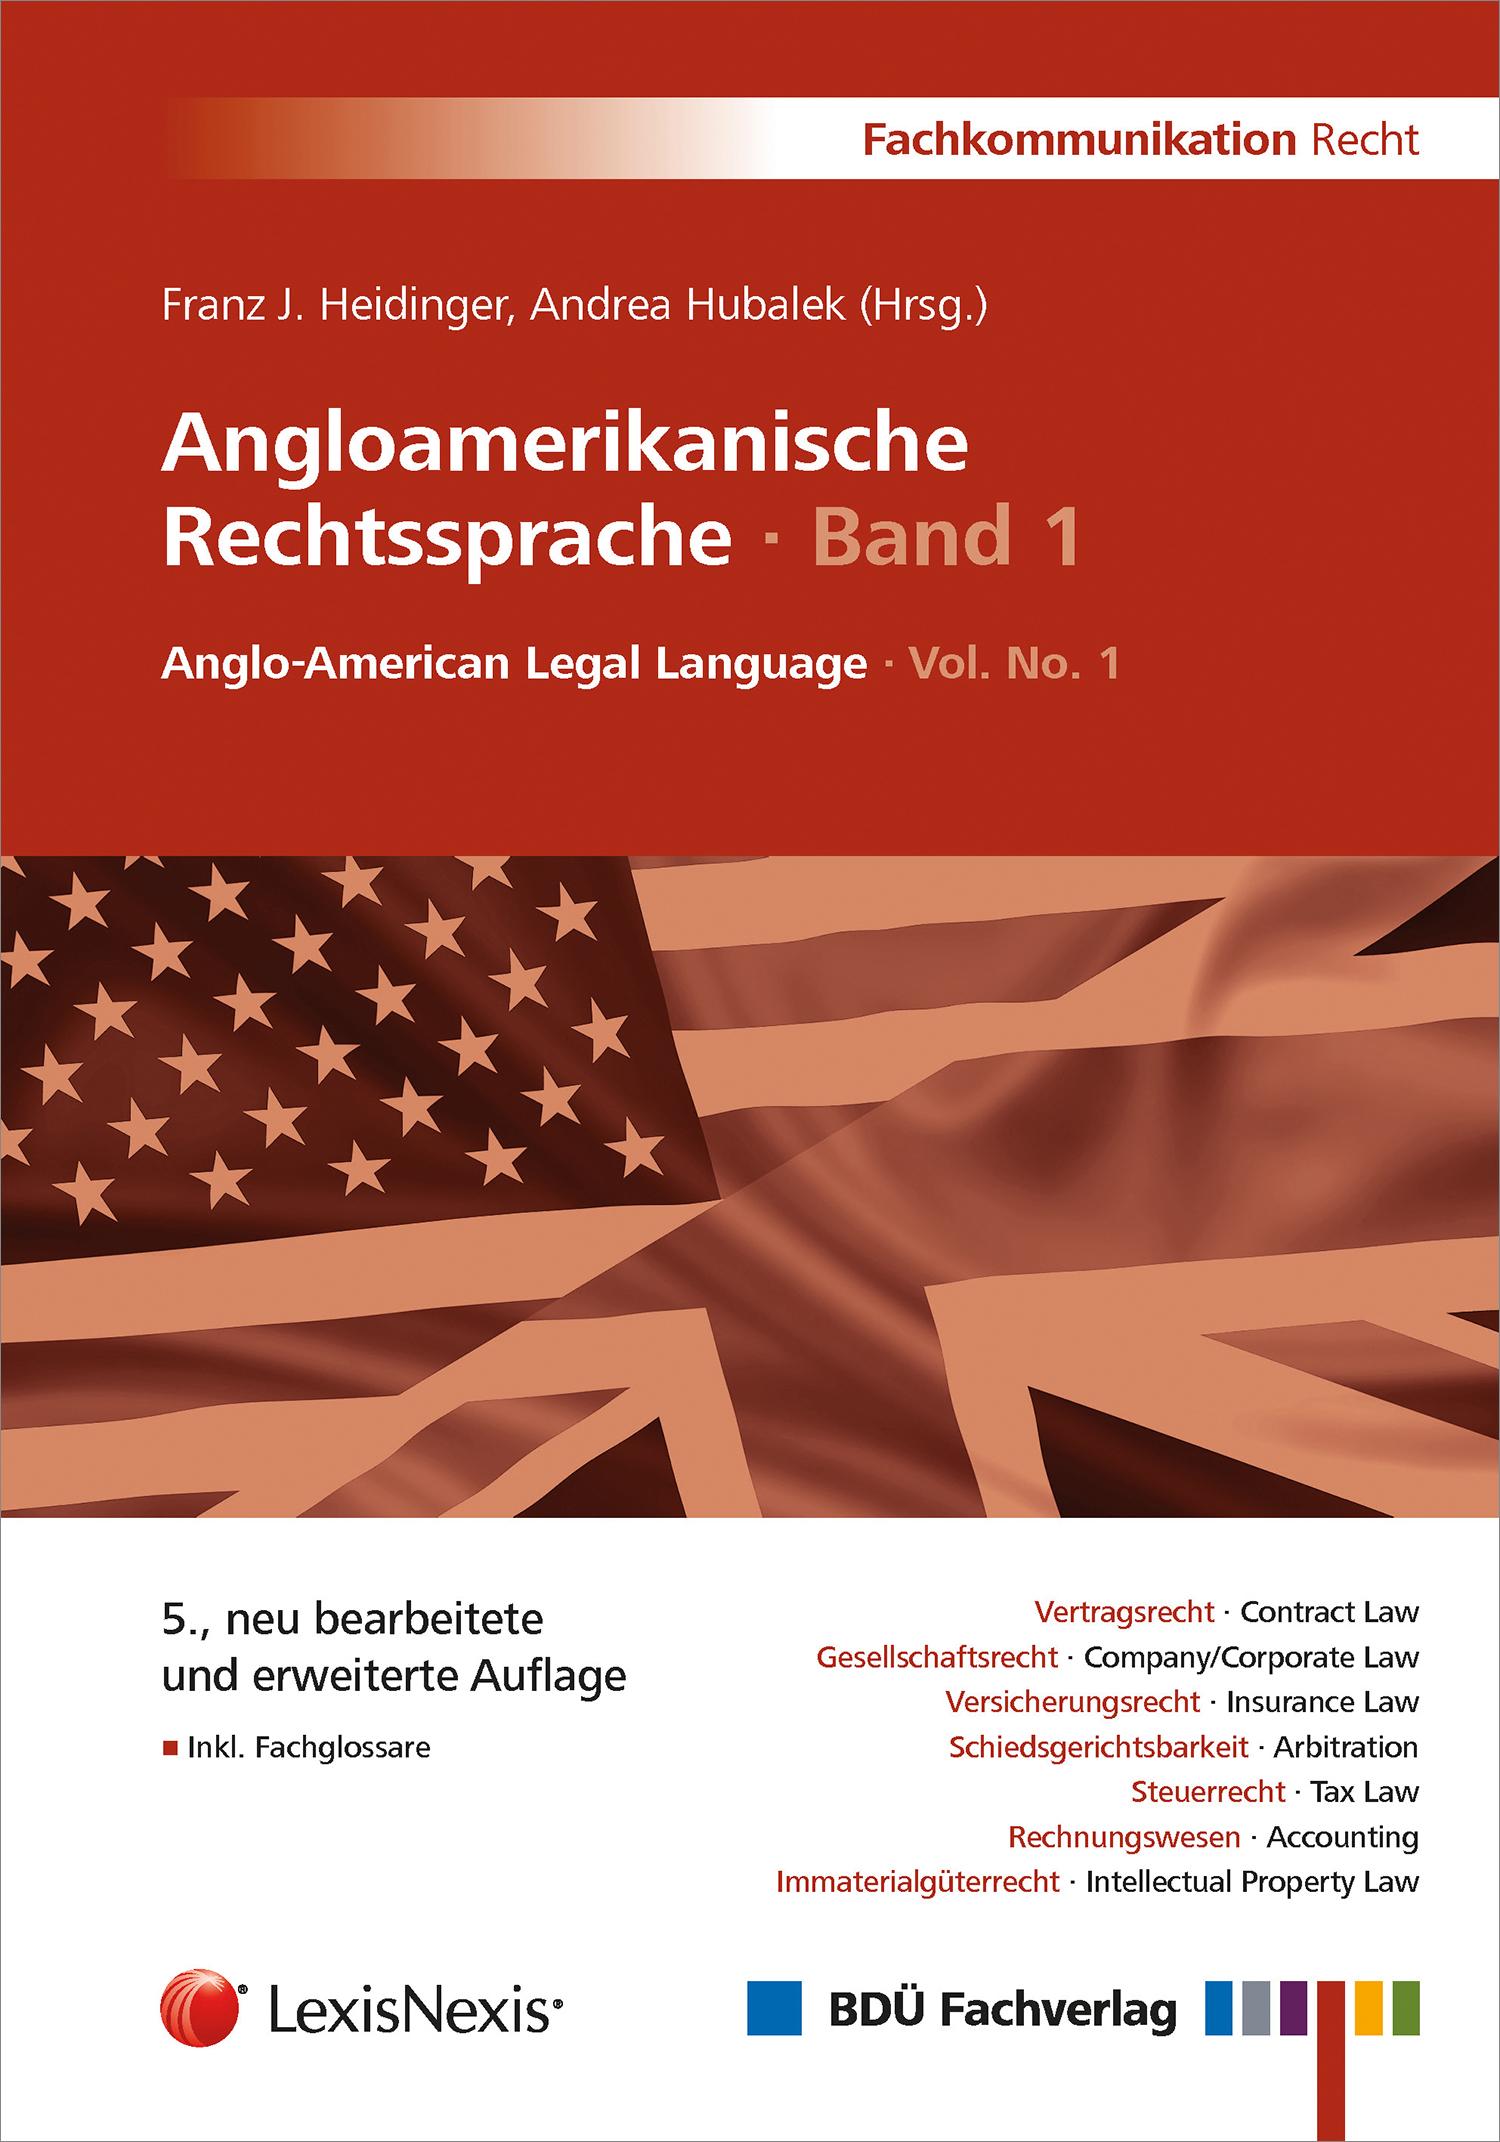 Angloamerikanische Rechtssprache · Band 1